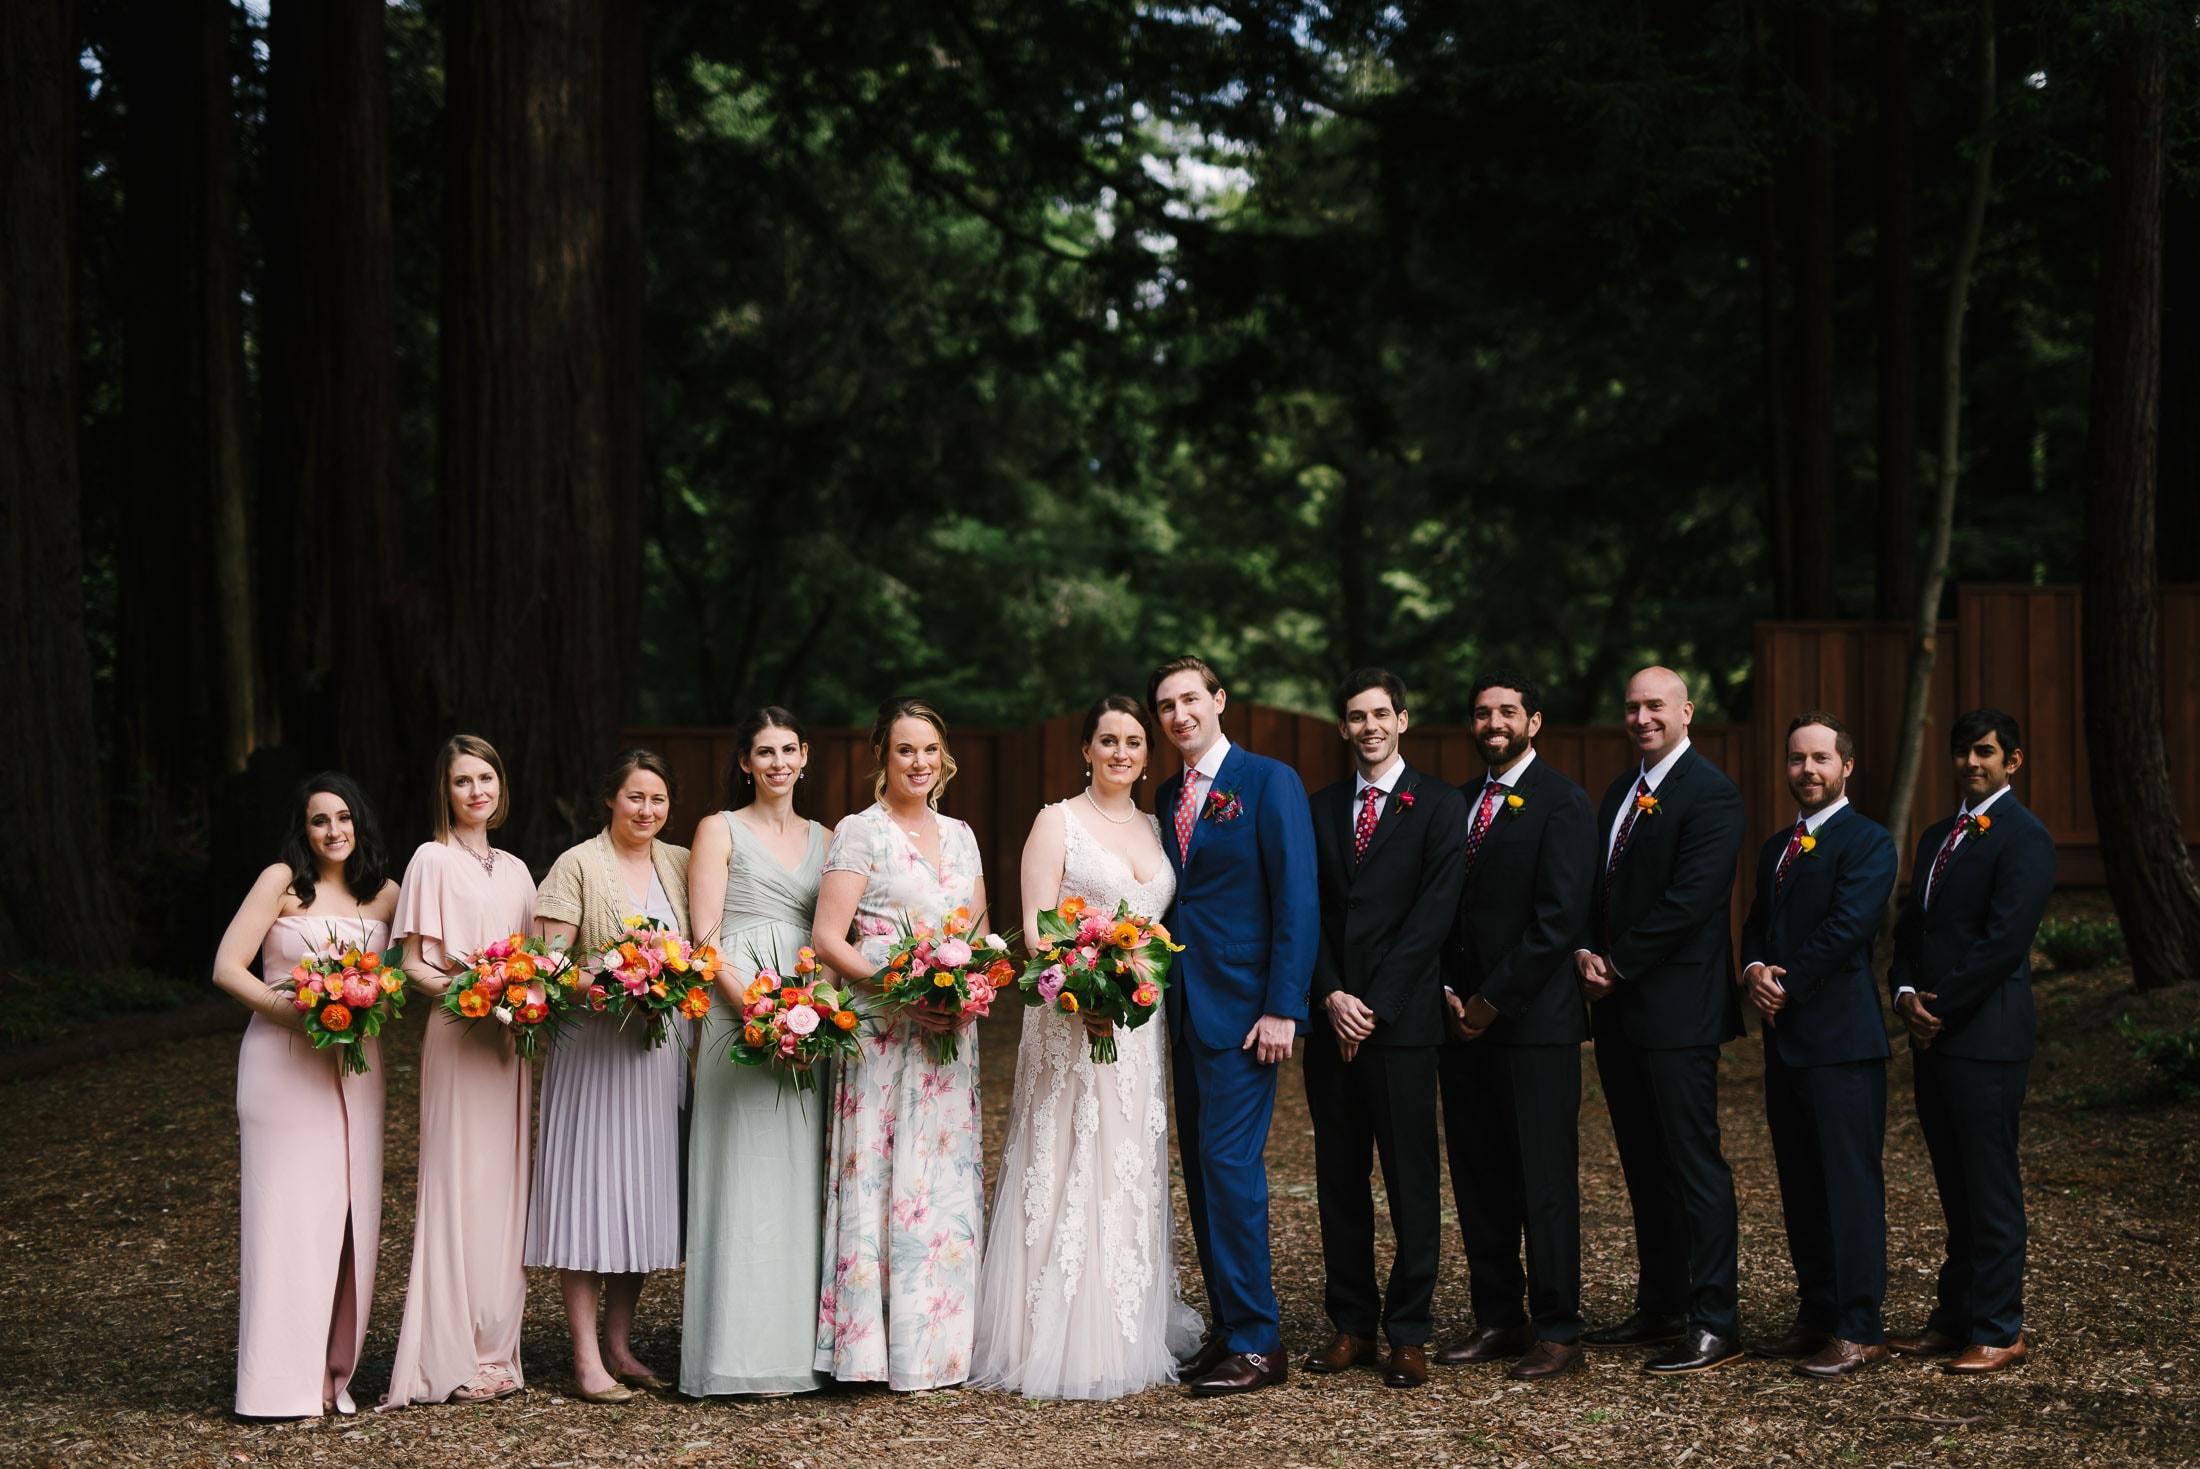 The Mountain Terrace Wedding